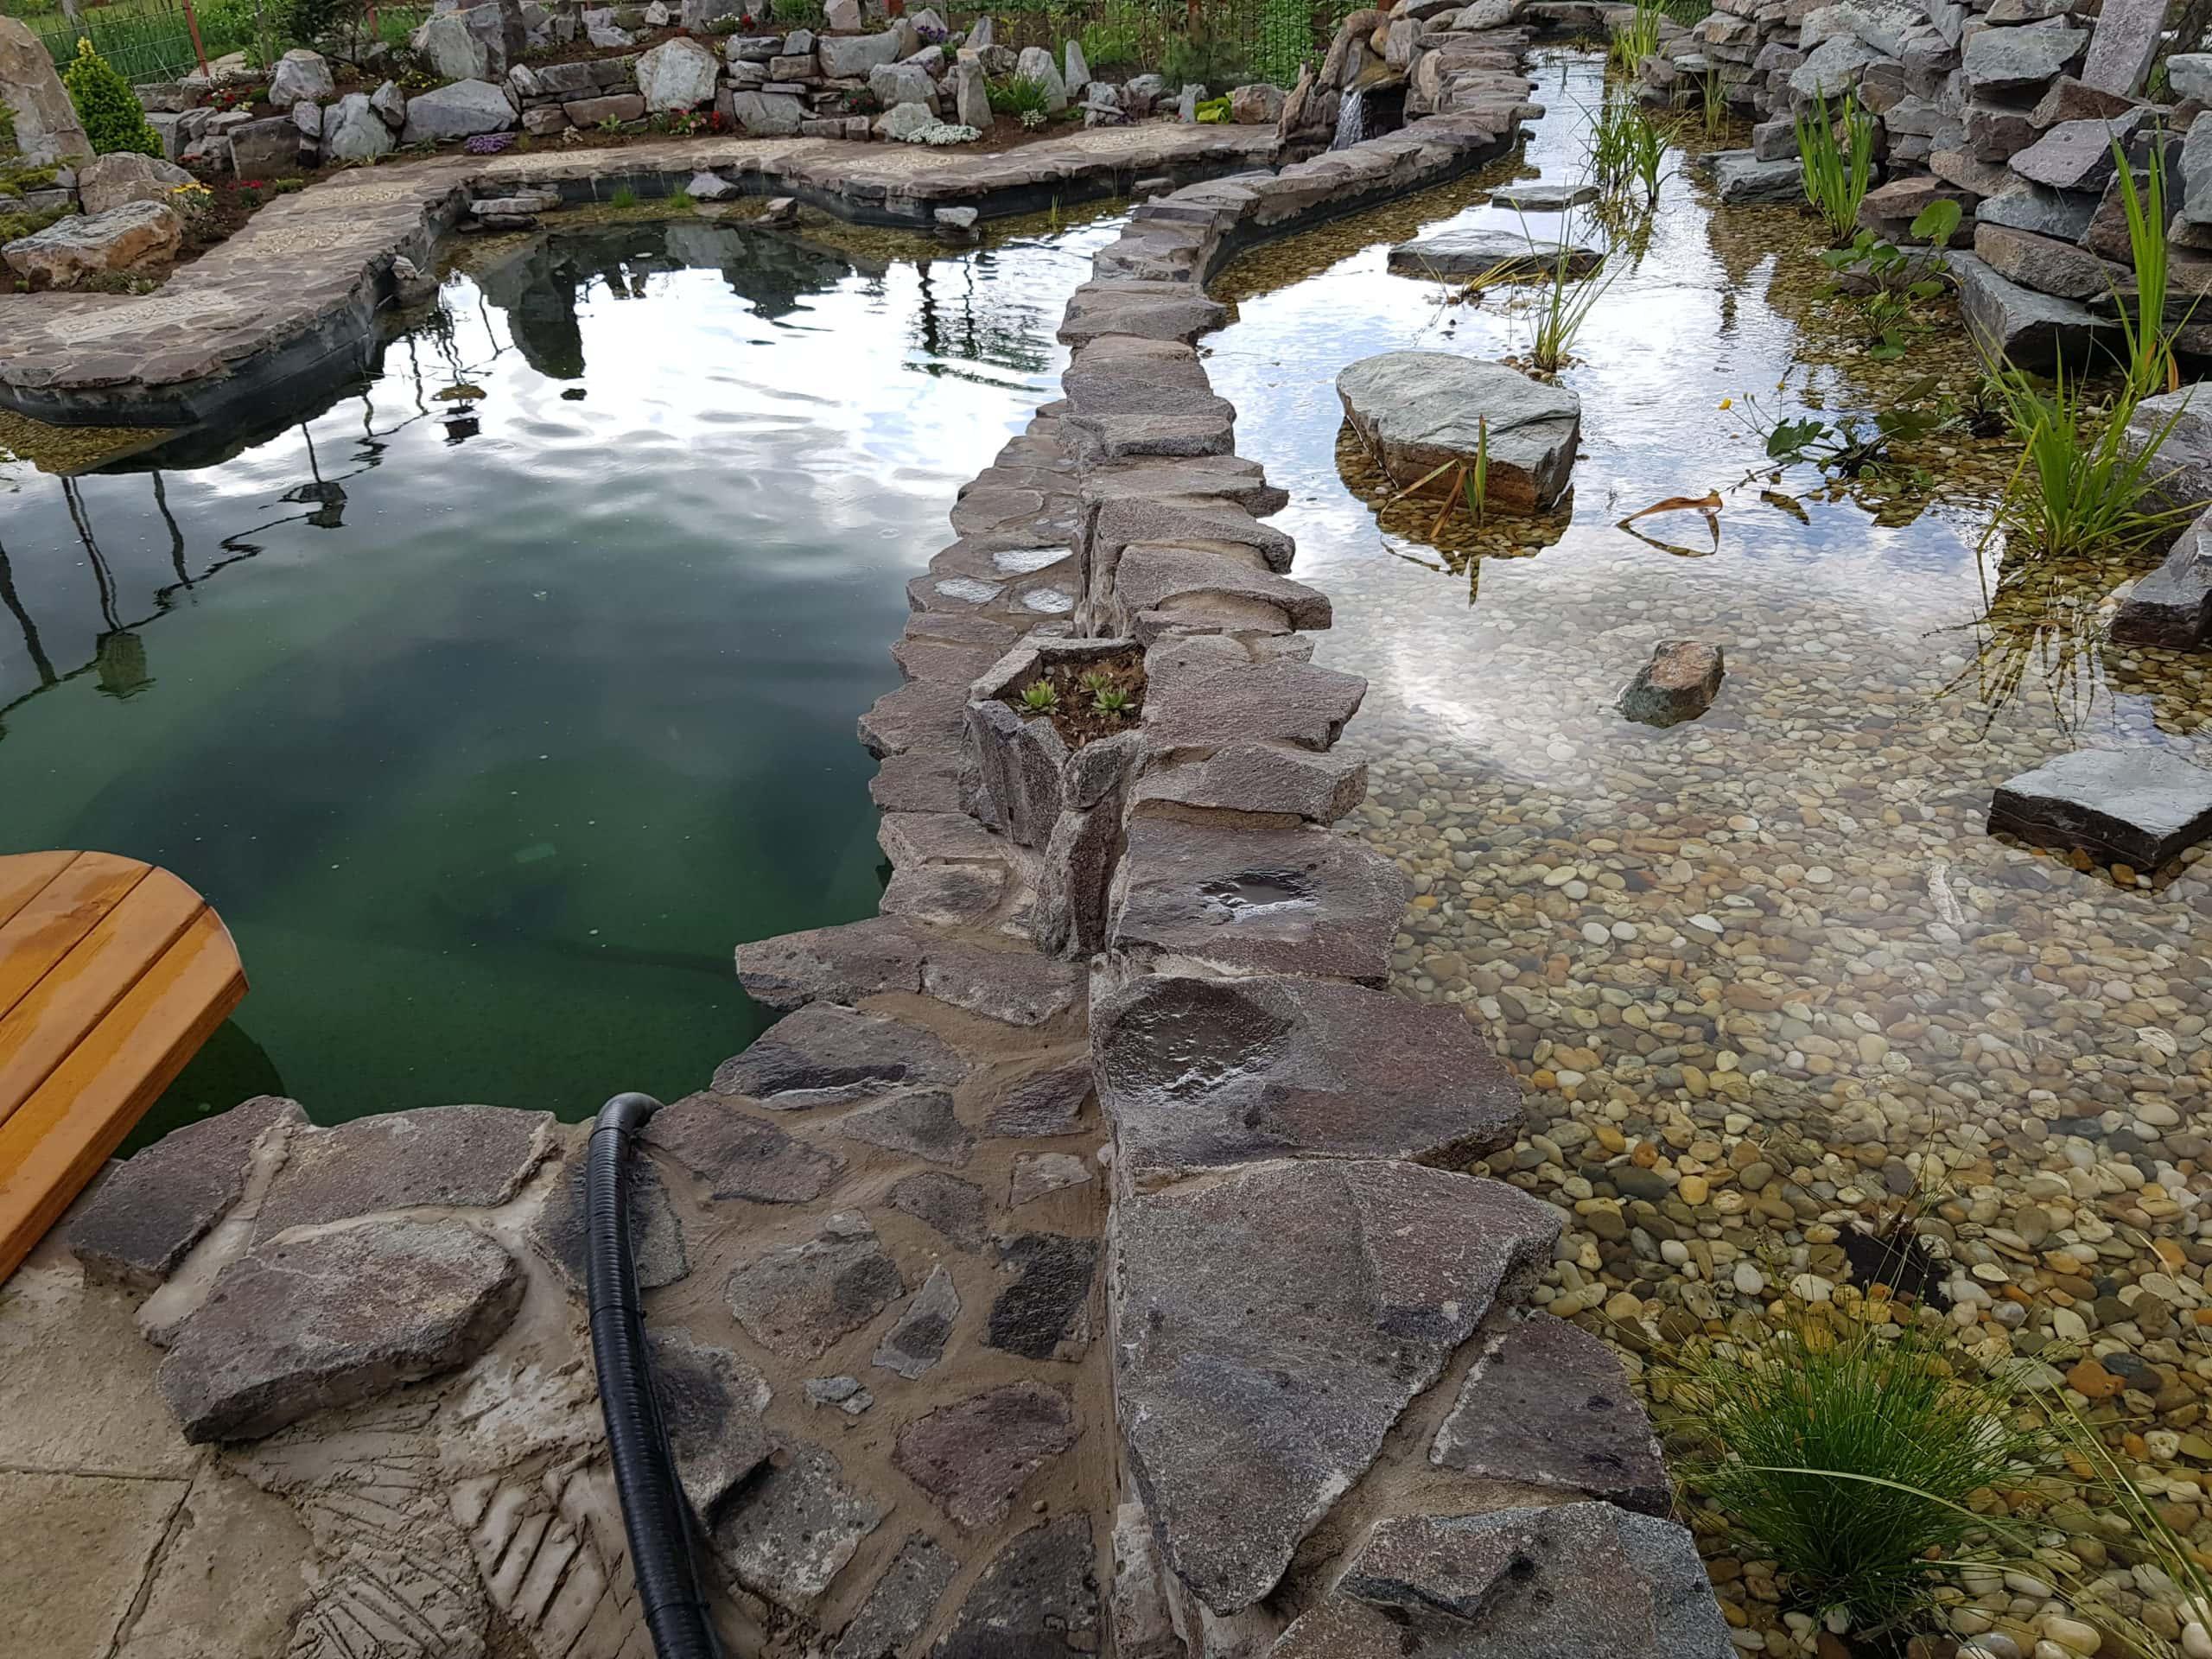 izolacie plochych striech a zakladov a jazierok